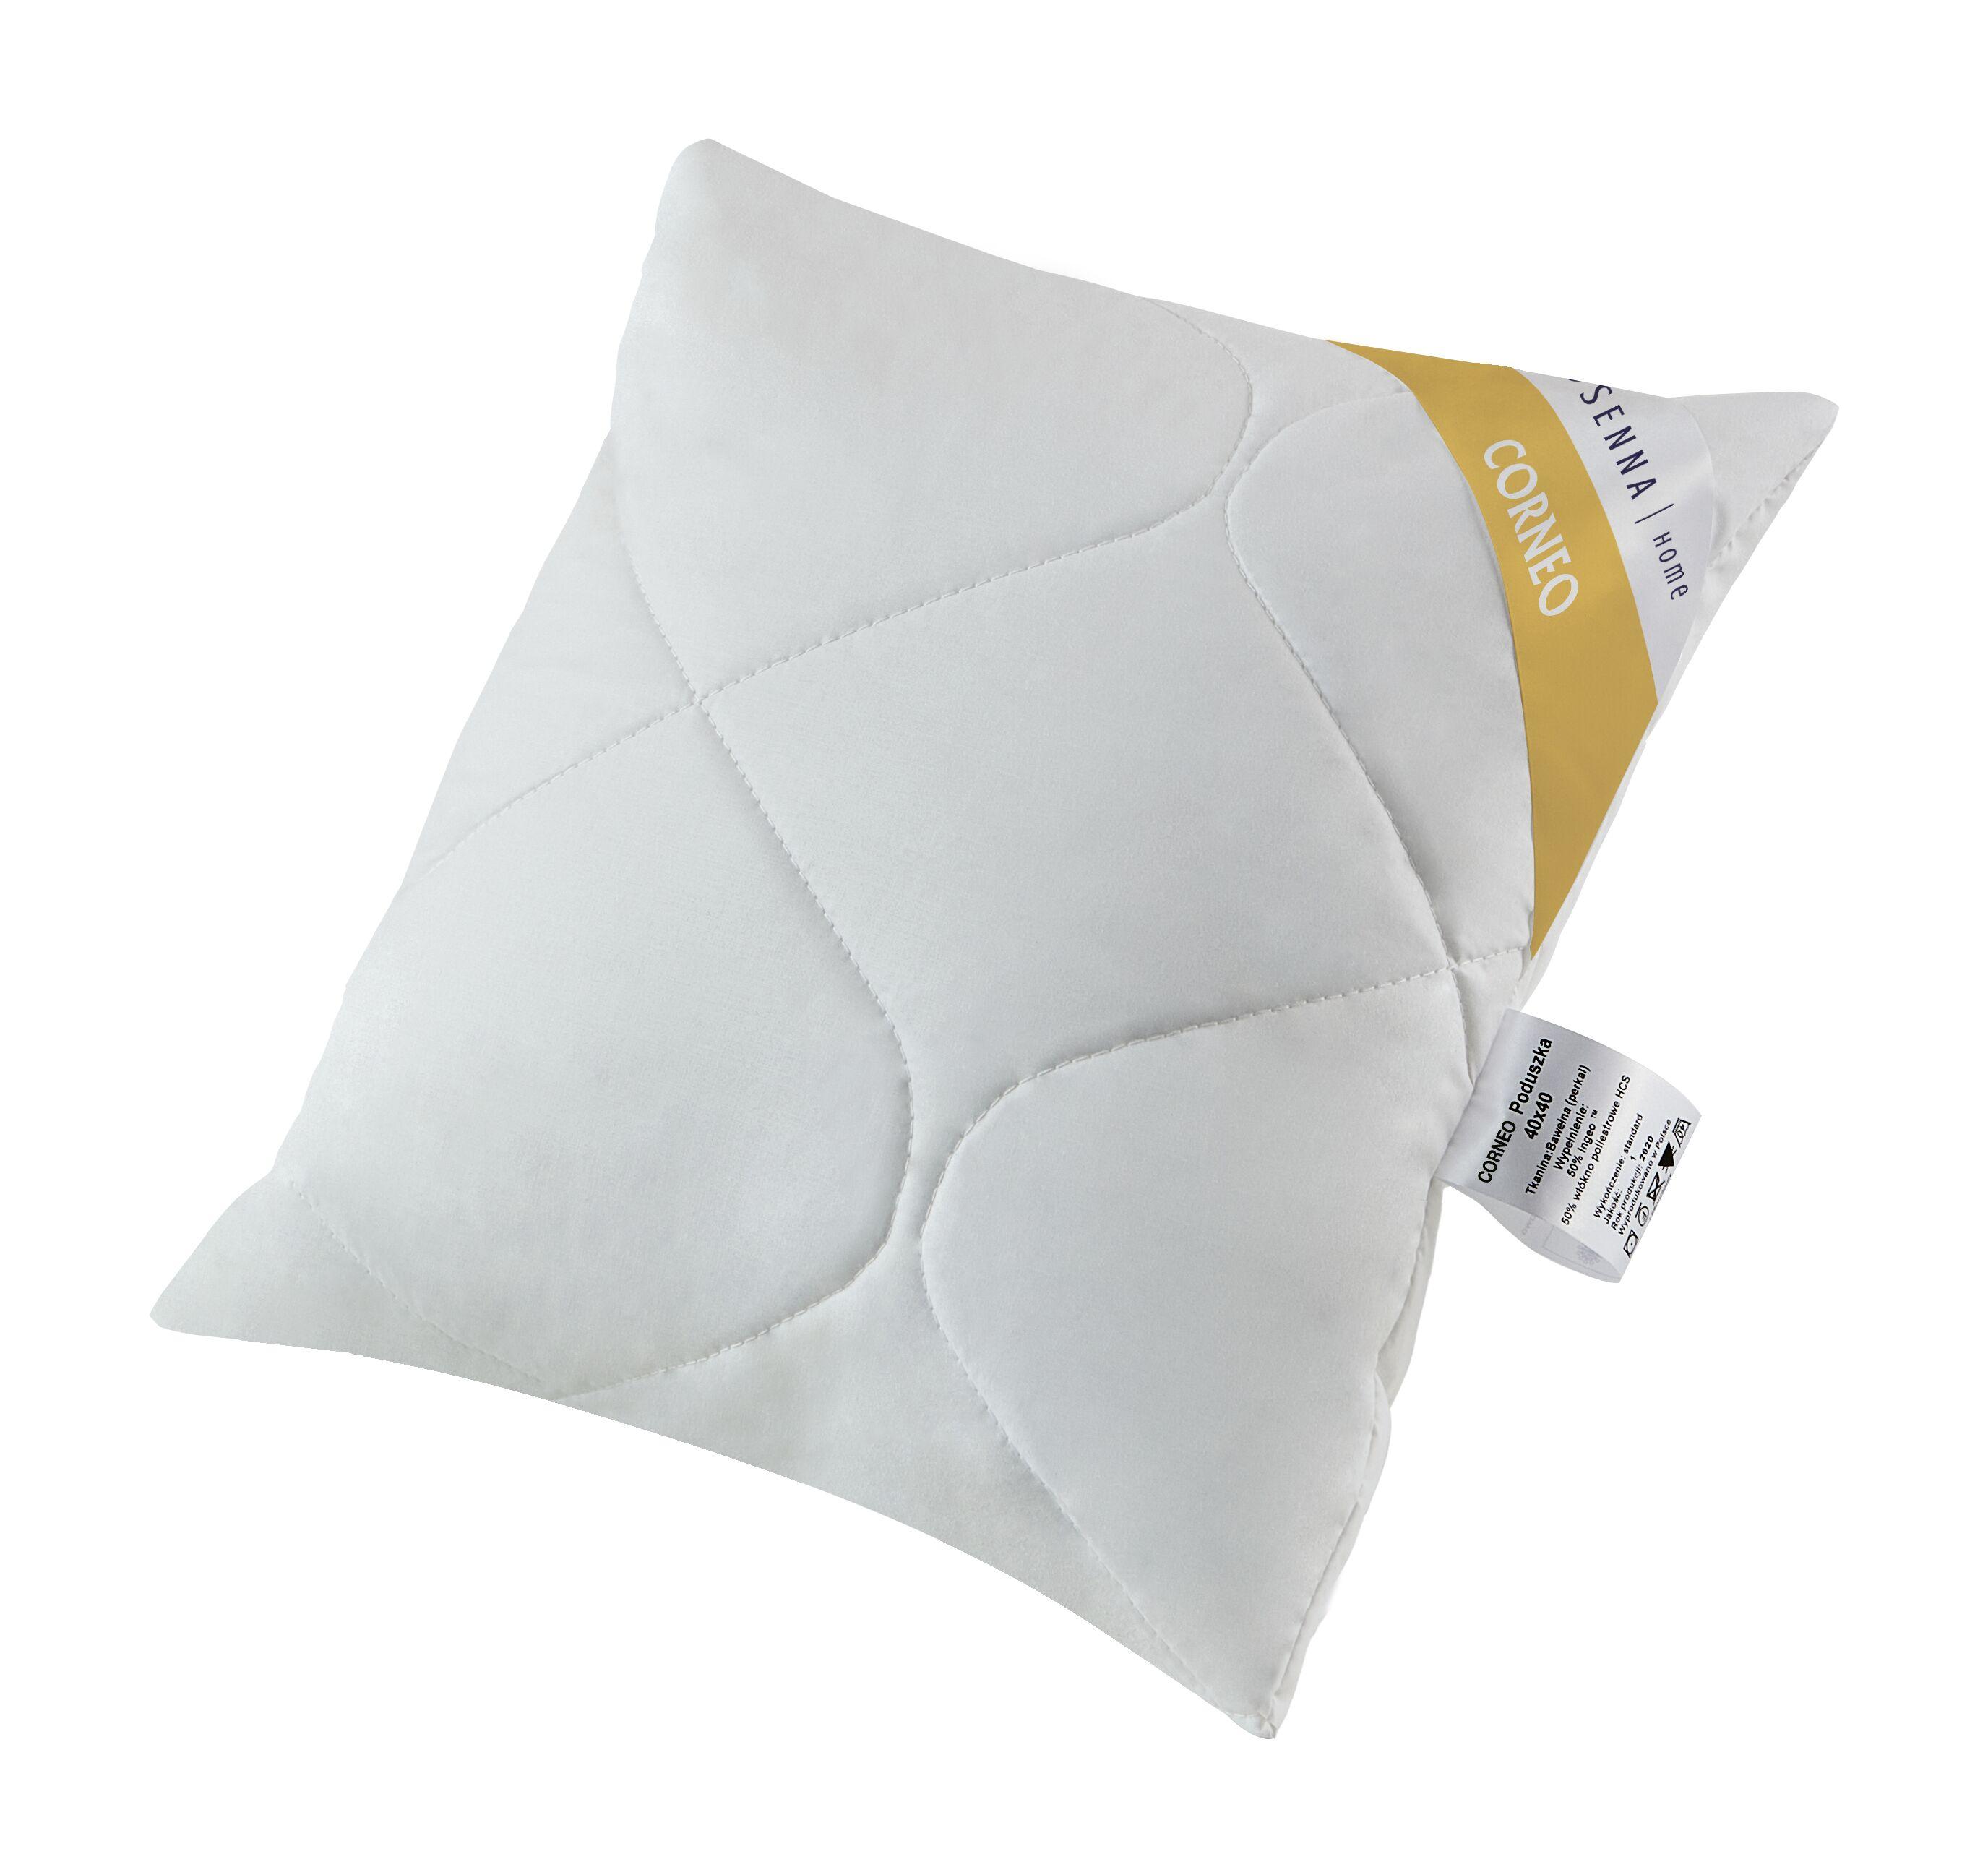 Poduszka antyalergiczna 40x40 Corneo Eco biała jednowarstwowa z włóknem kukurydzianym biodegradowalnym Inter-Widex